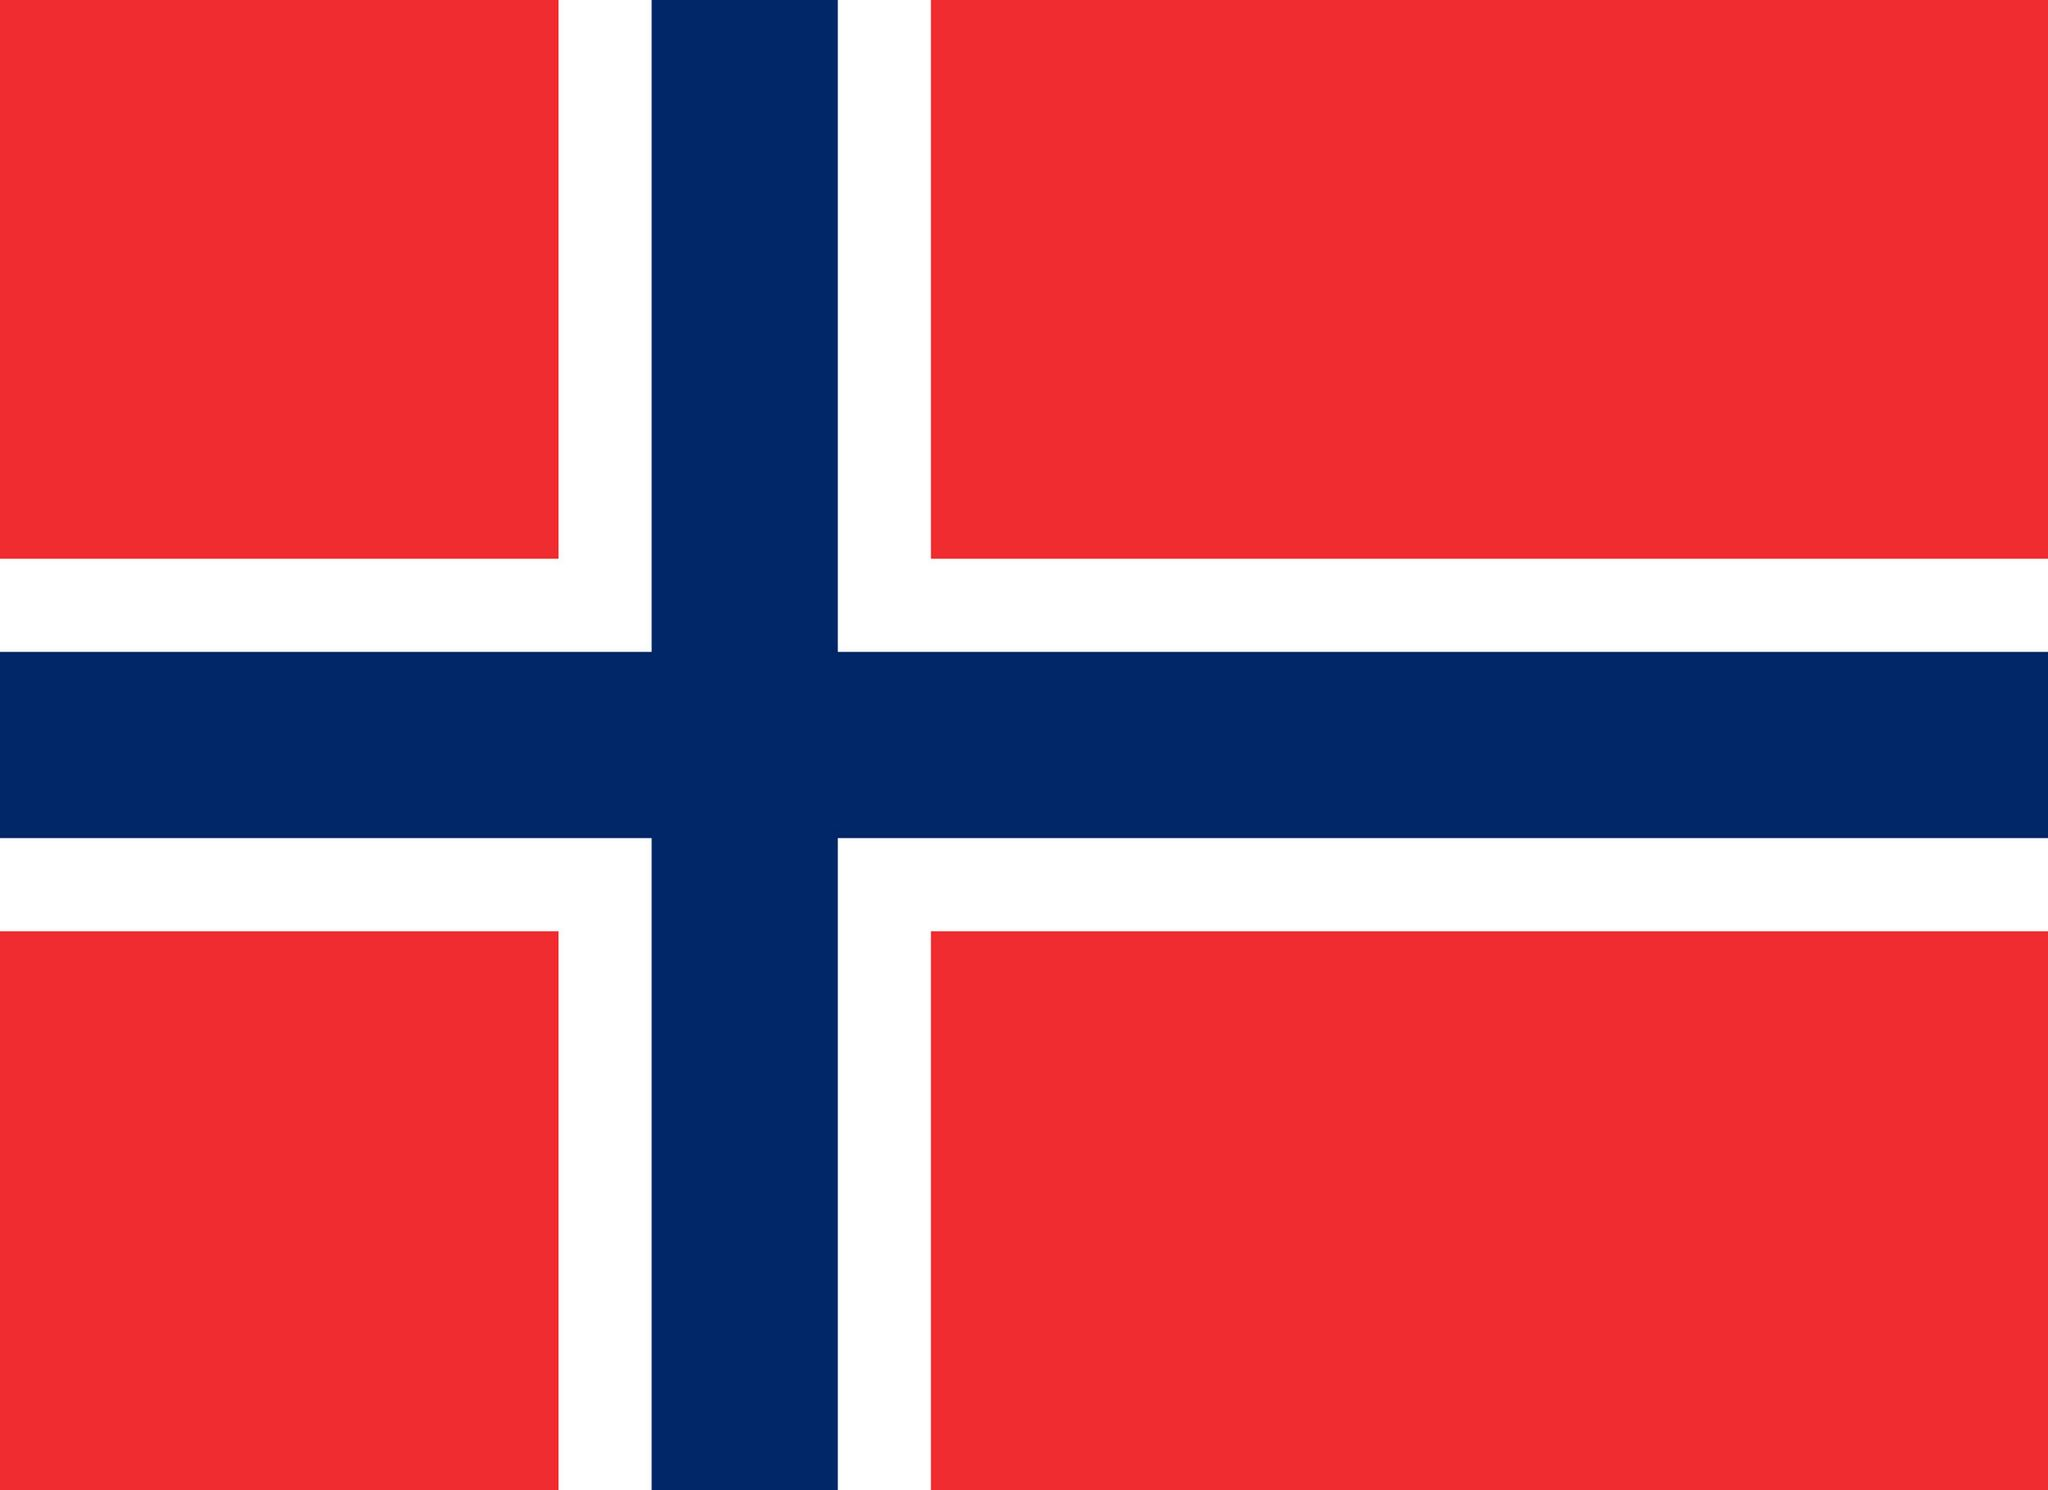 Très Drapeau de la Norvège, Drapeaux du pays Norvège ZO97